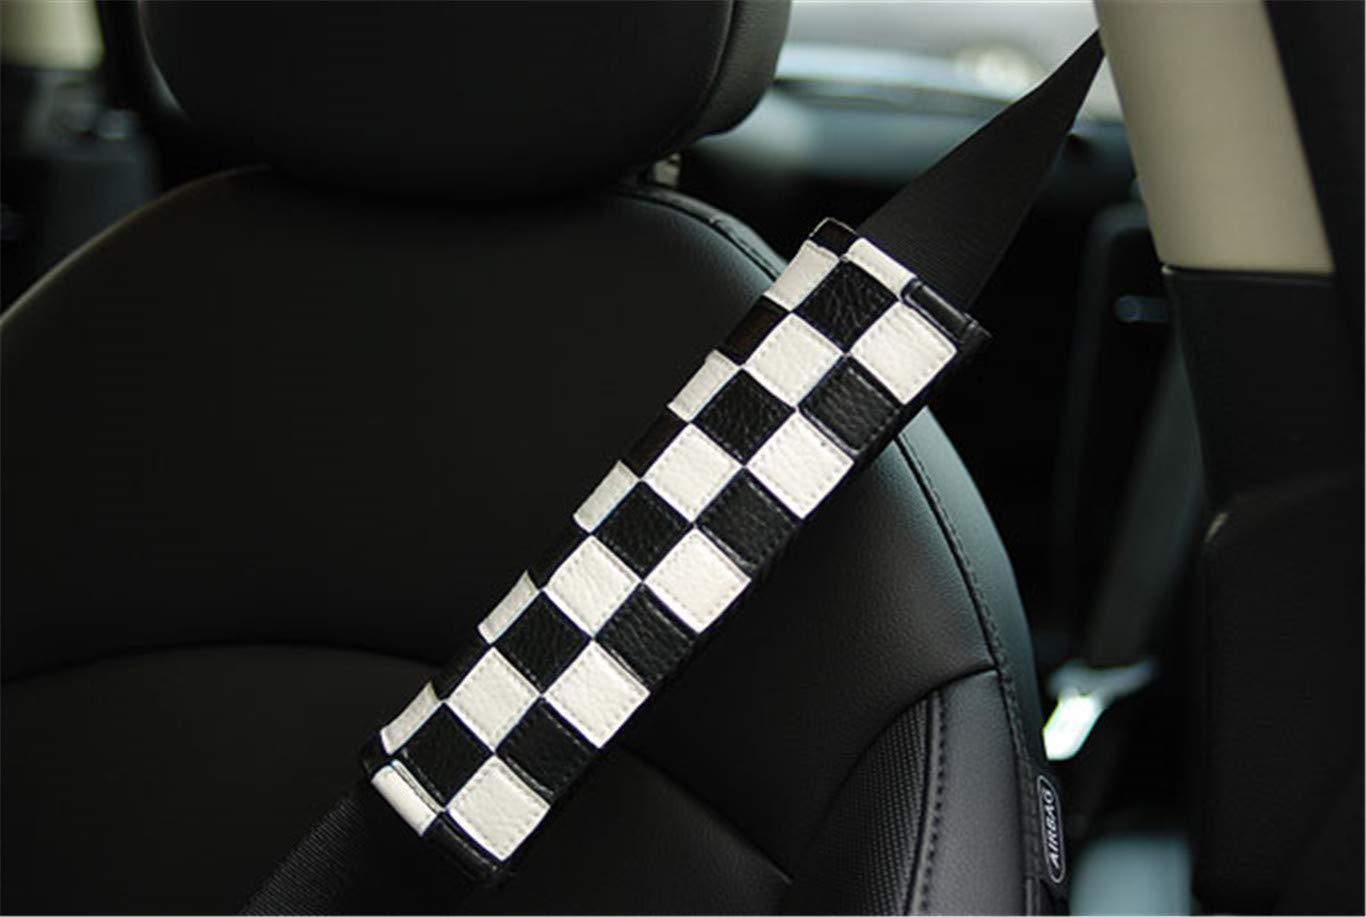 Checkered 2 st/ücke Auto Sicherheitsgurt Schultergurt Pad Gurt Abdeckung Kissen f/ür Mini Cooper F54 F55 F56 F57 F60 R55 R56 R58 R59 R60 Hardtop Clubman Flie/ßheck Verdeckte Roadster Countryman